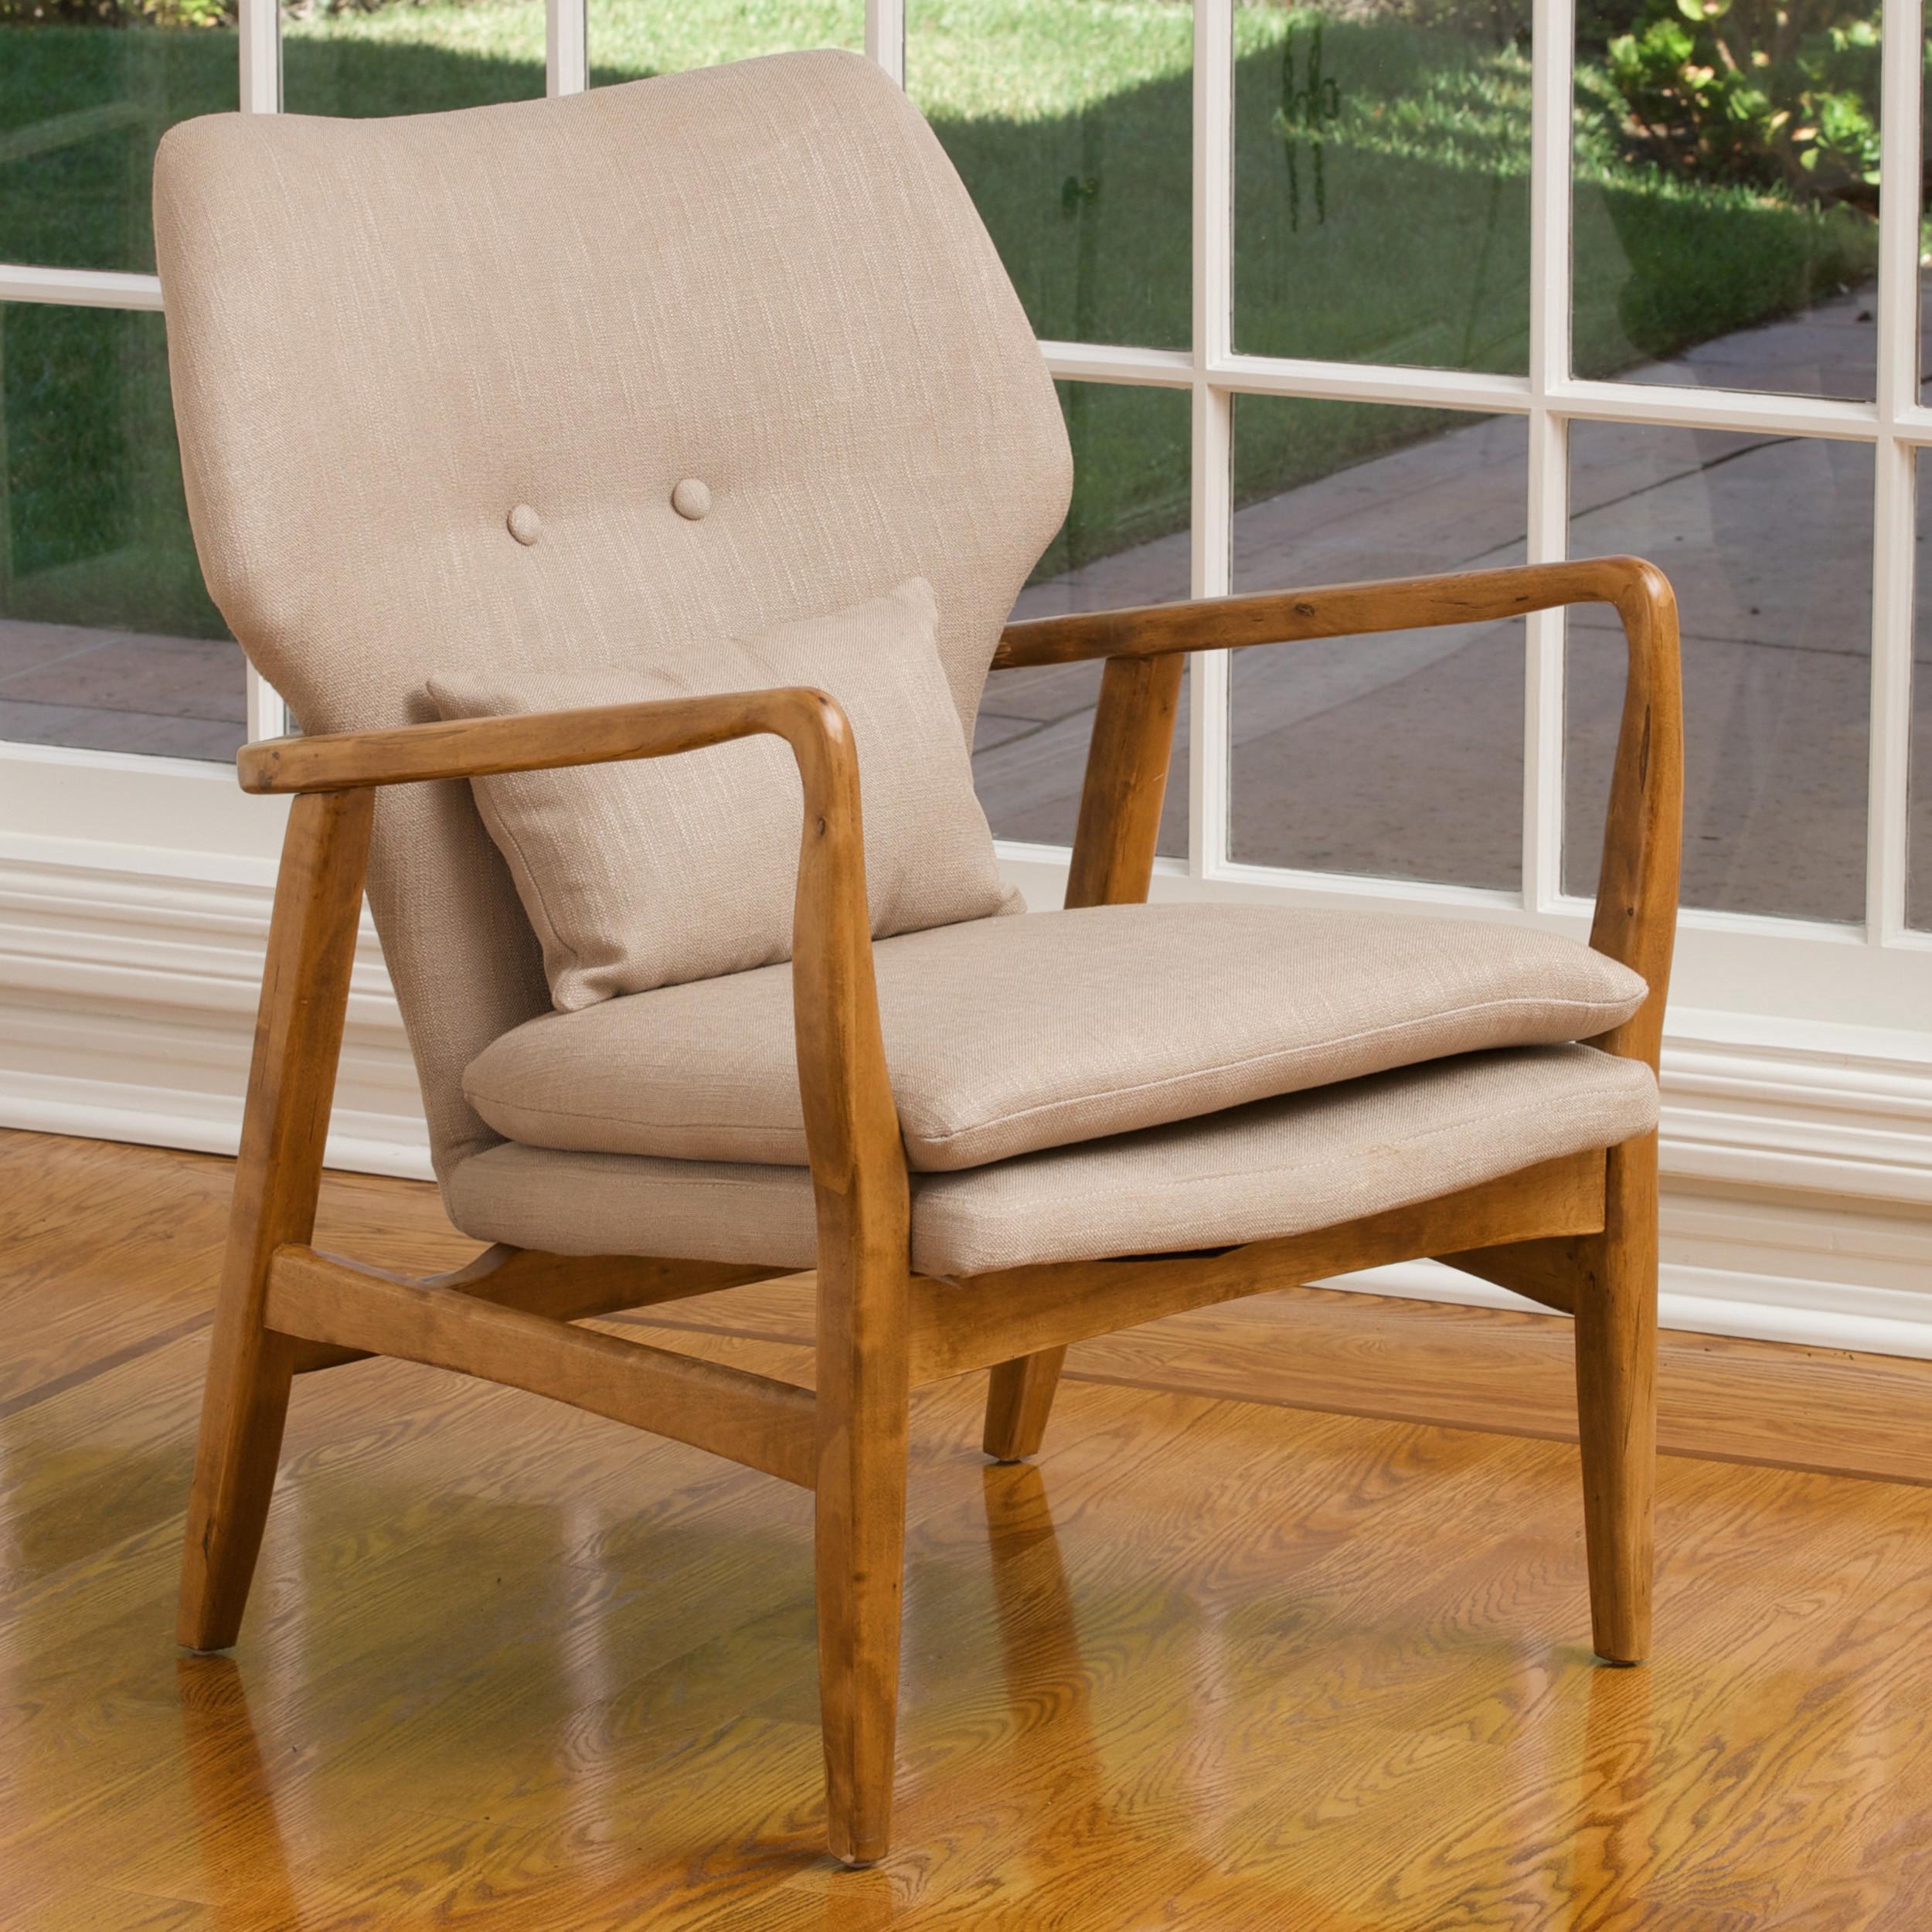 Деревянные стулья в стиле лофт